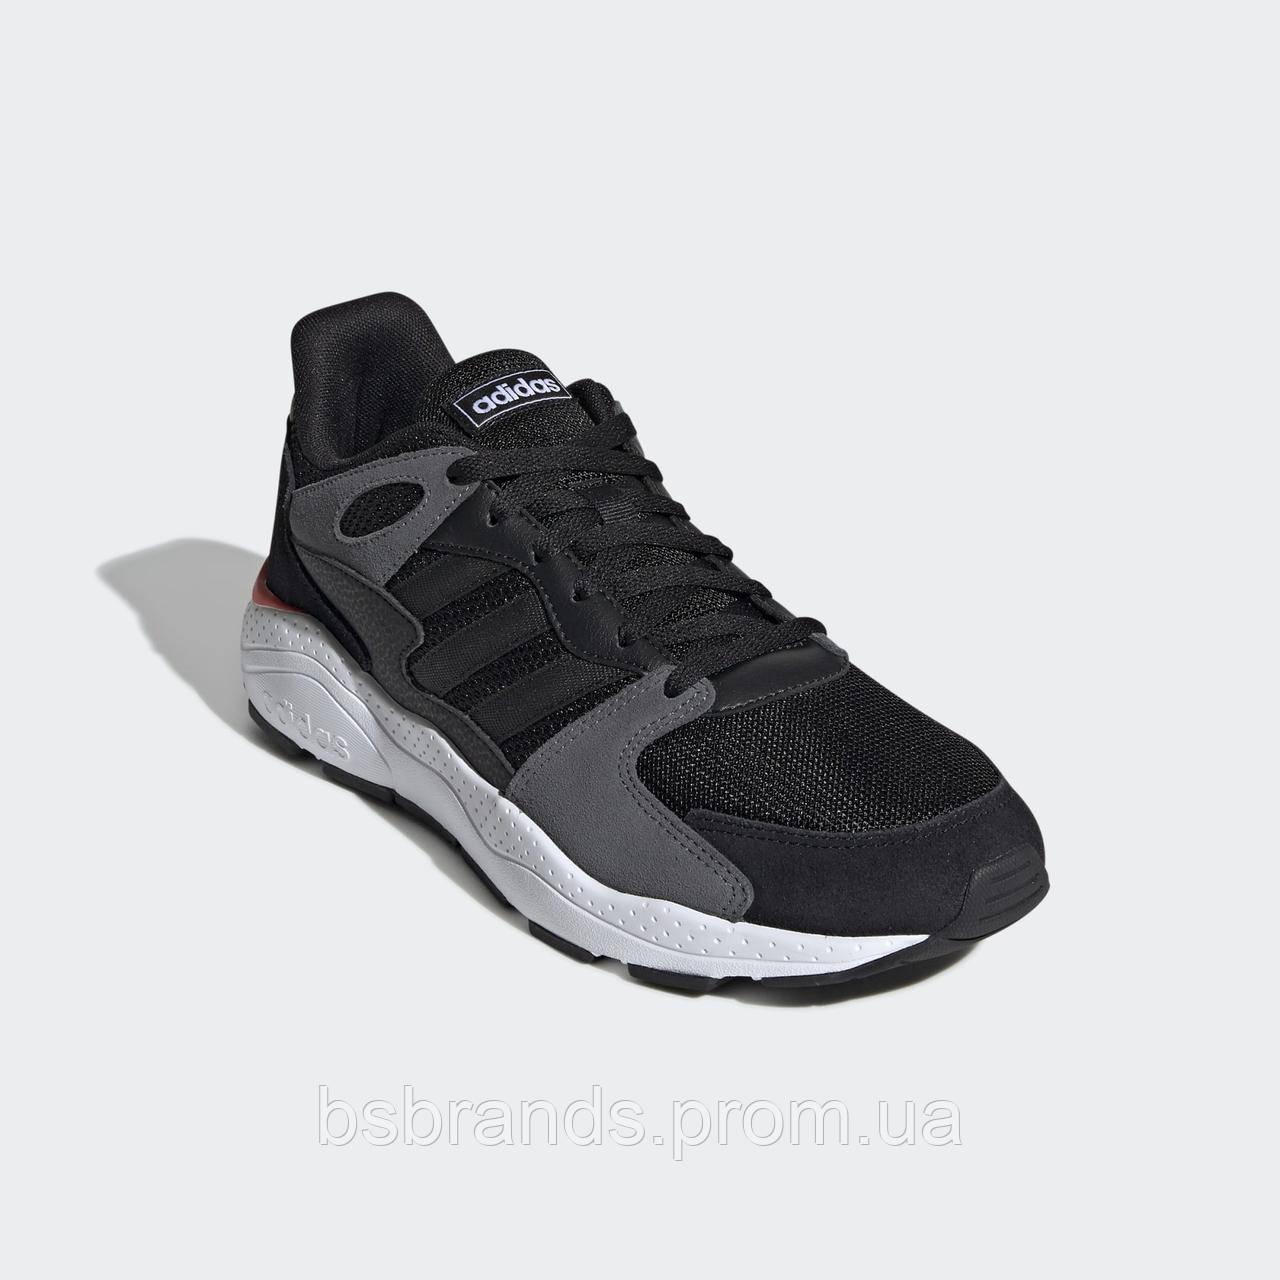 Мужские кроссовки adidas Chaos EF1053 (2020/1)